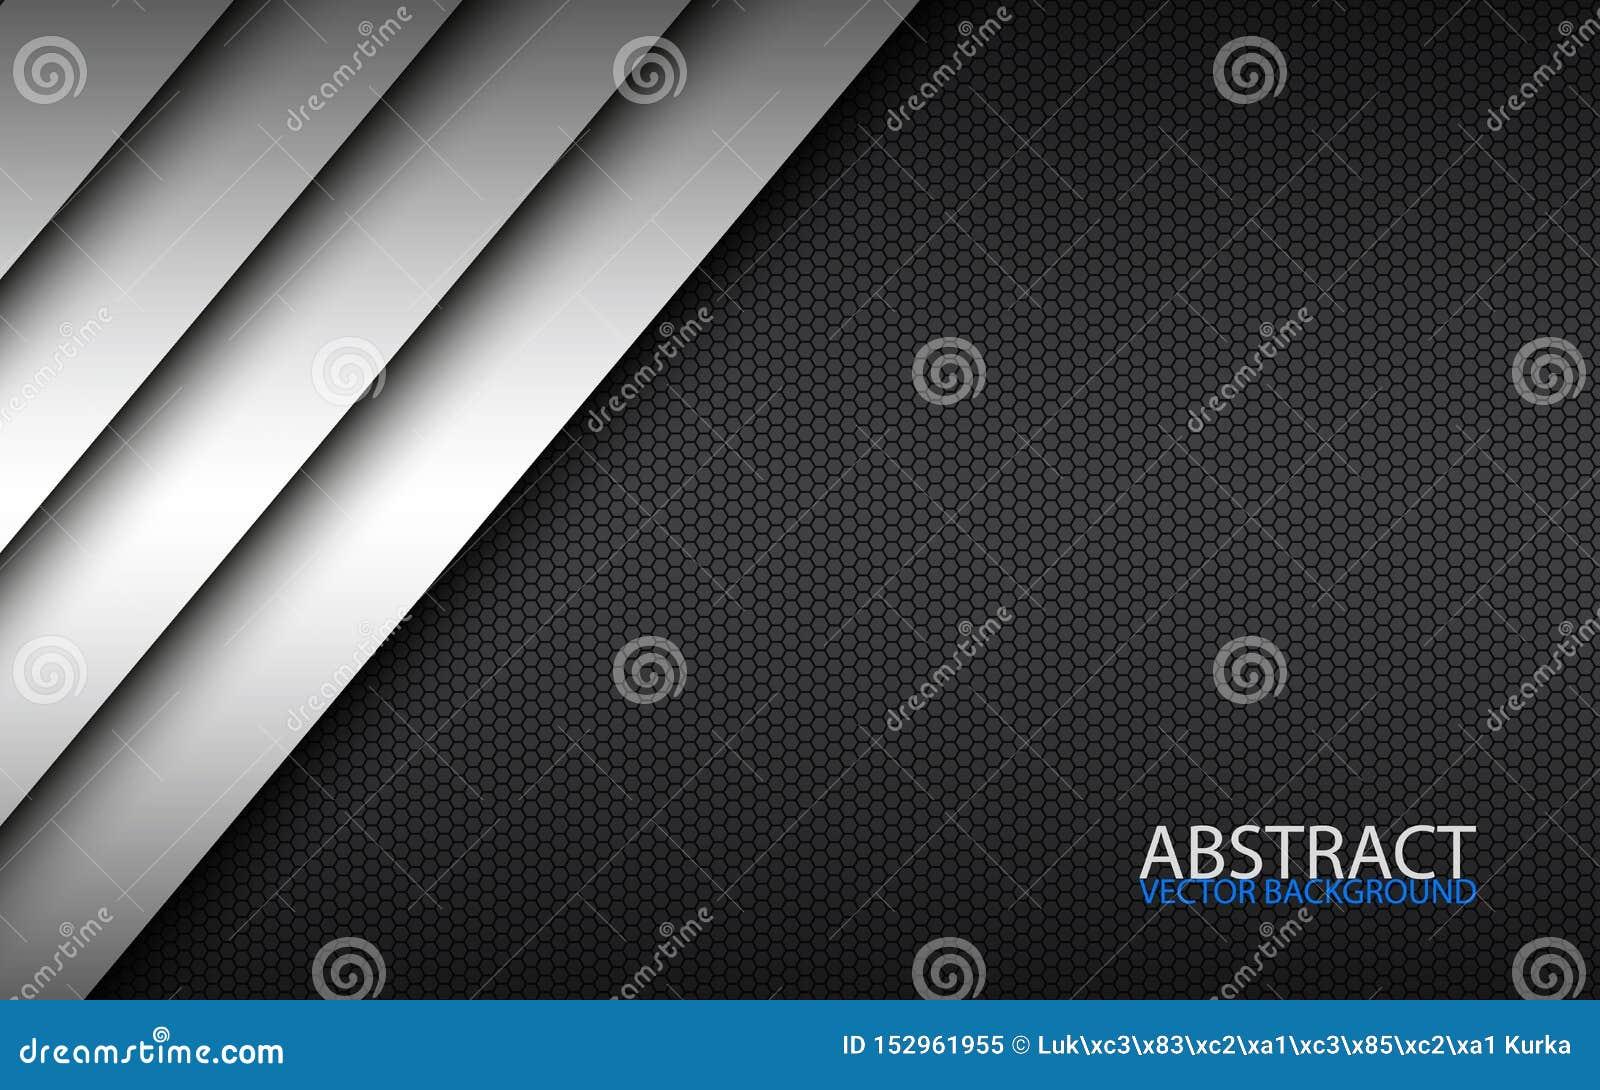 Projeto material moderno preto e branco com um teste padrão sextavado, molde incorporado para seu negócio